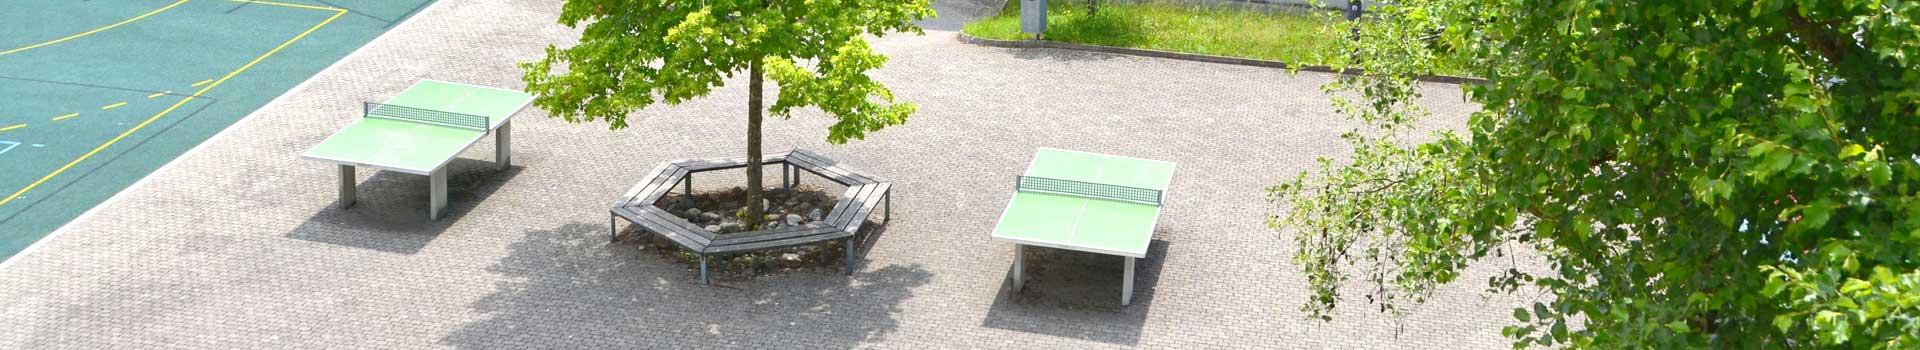 schoenengrund-primarschule-header-06.jpg